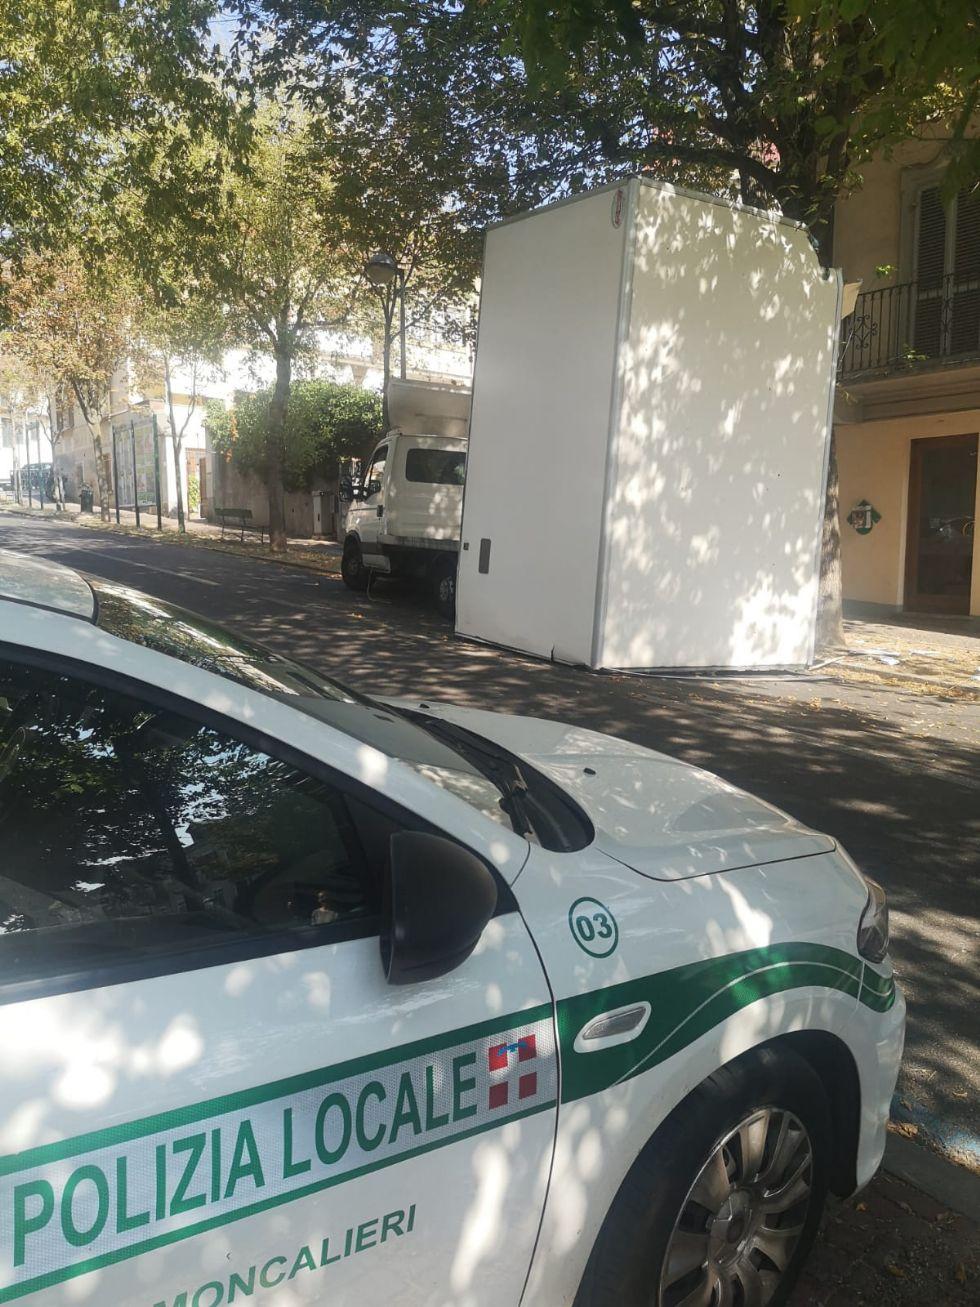 MONCALIERI -  Porta il pane al Santa Croce e si incastra con il rimorchio sotto l'albero